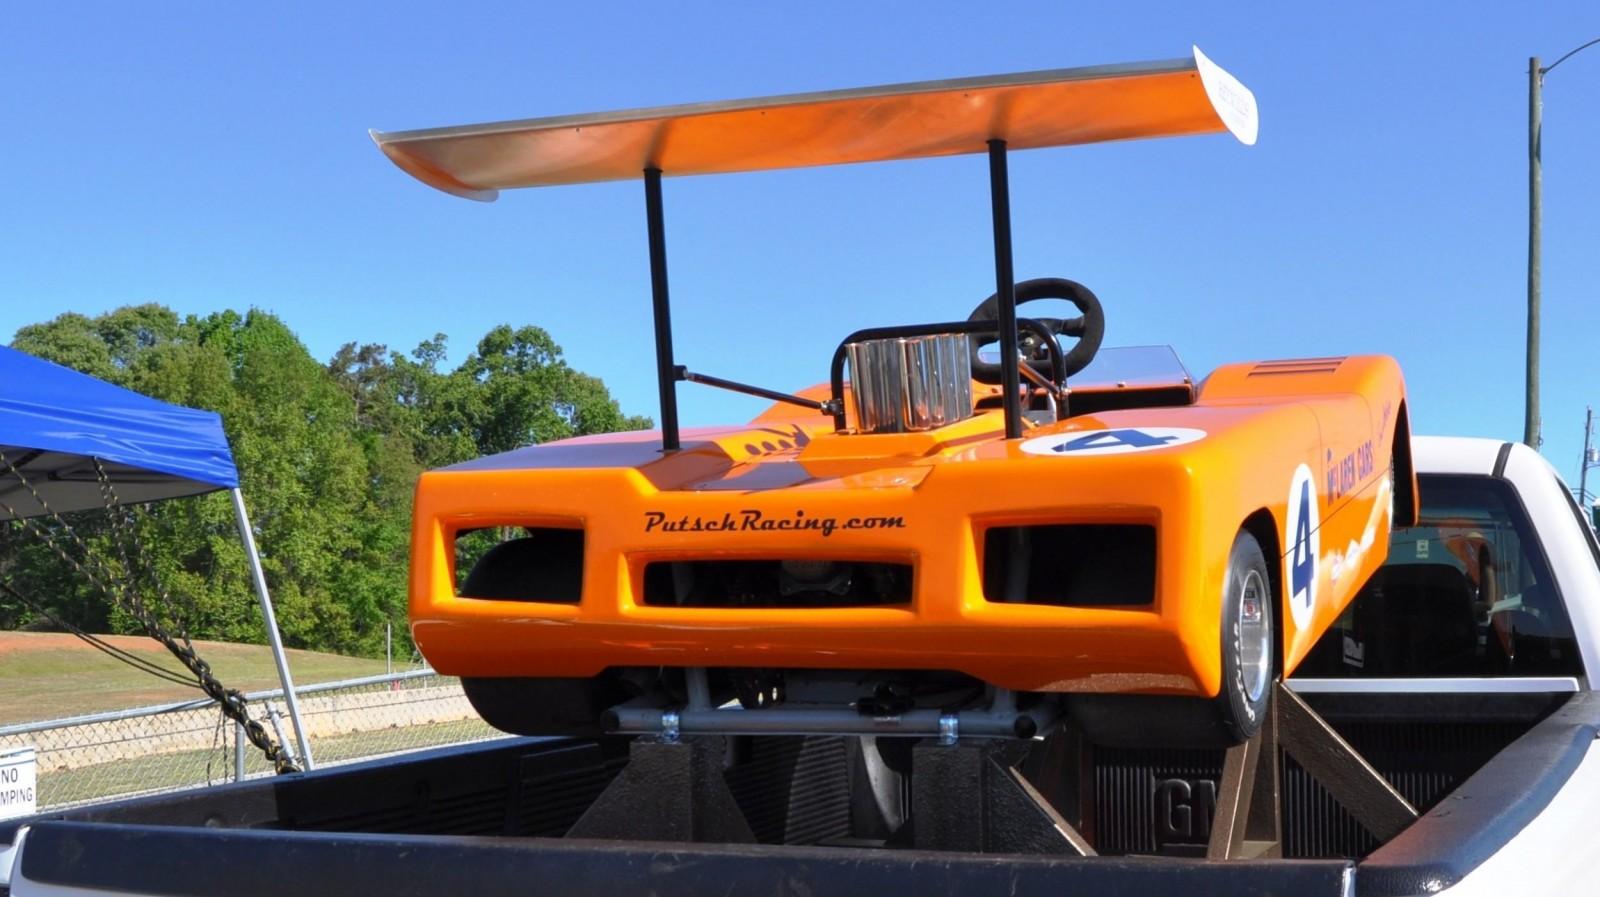 McLaren M8B Go-Kart Seeking Posh New Home, McLaren Owner Strongly Preferred 7